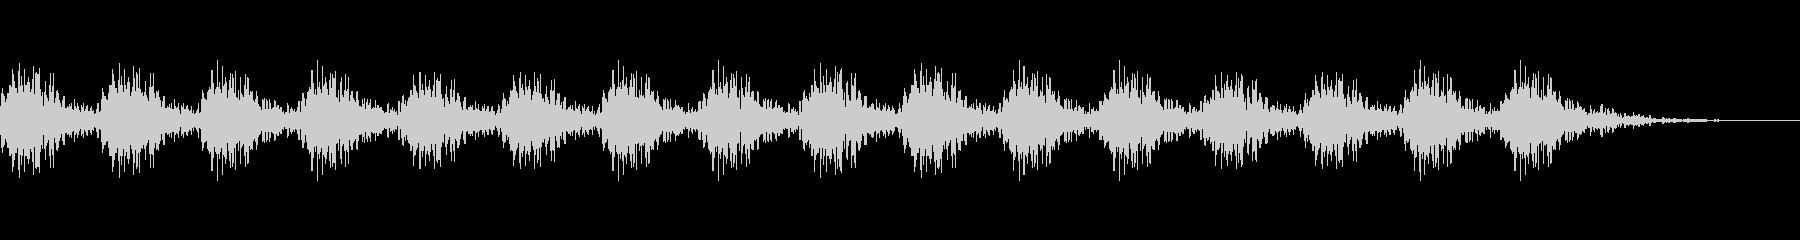 どんどん(巨人、速歩き)A01の未再生の波形